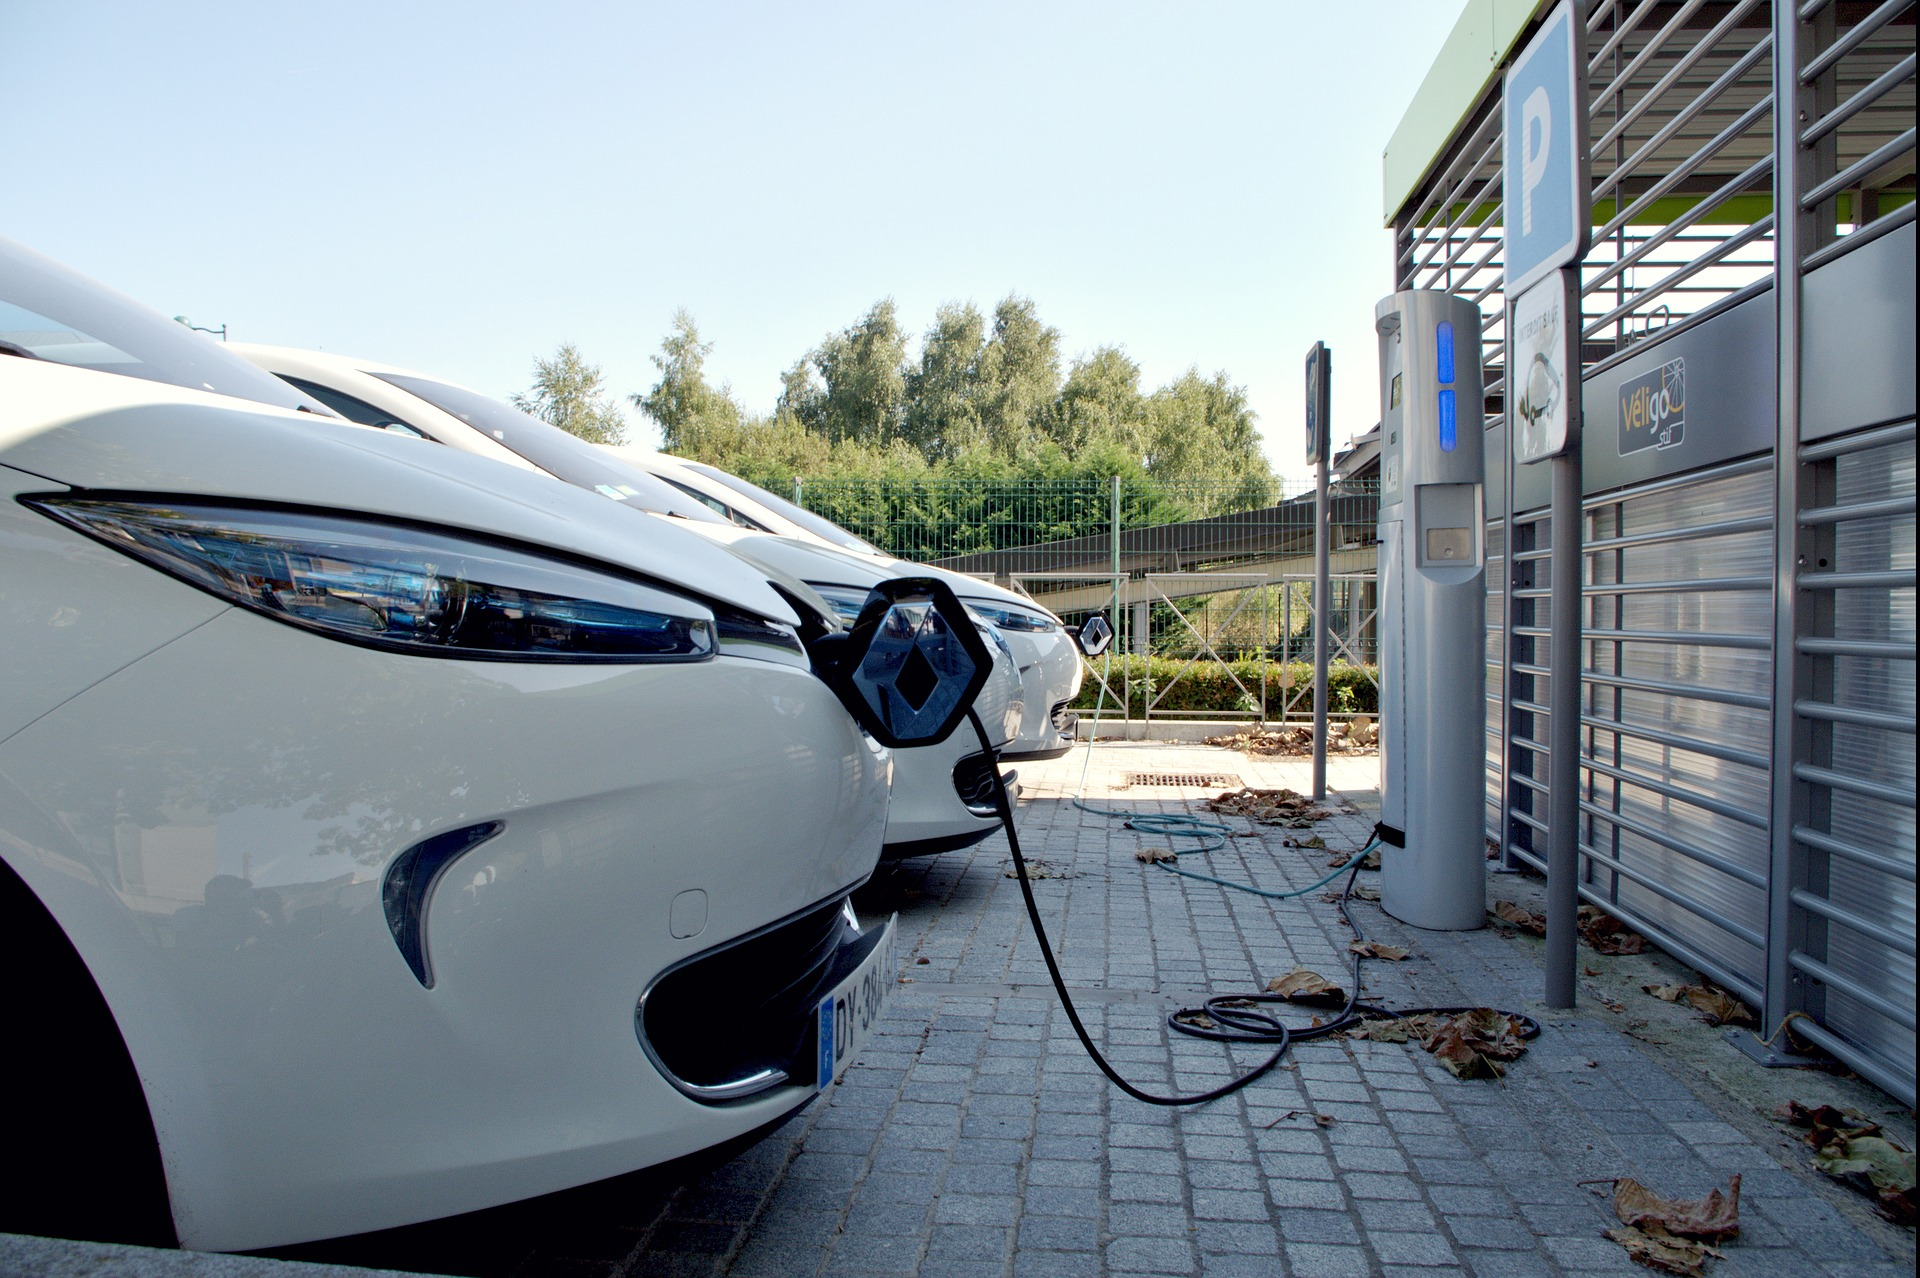 Borne de recharge voiture